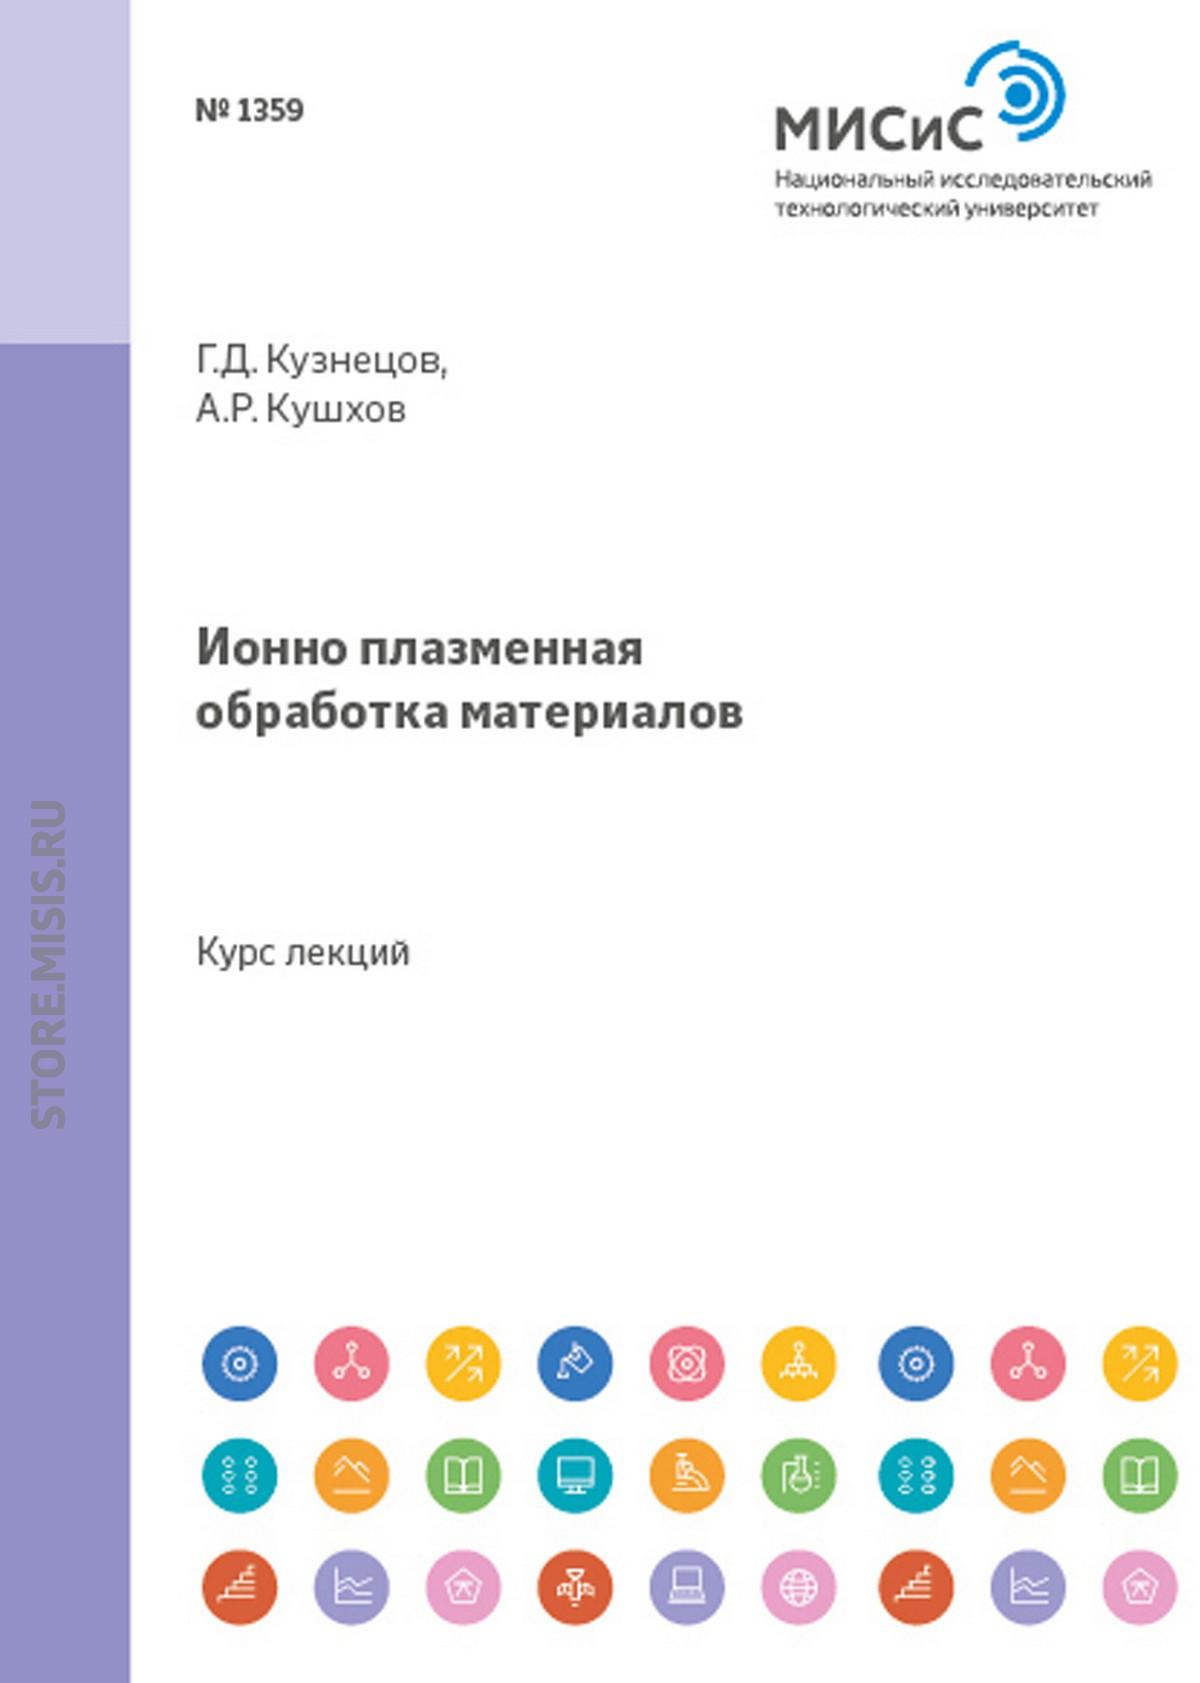 Аскер Кушхов Ионно-плазменная обработка материалов л фелдман д майер основы анализа поверхности и тонких пленок